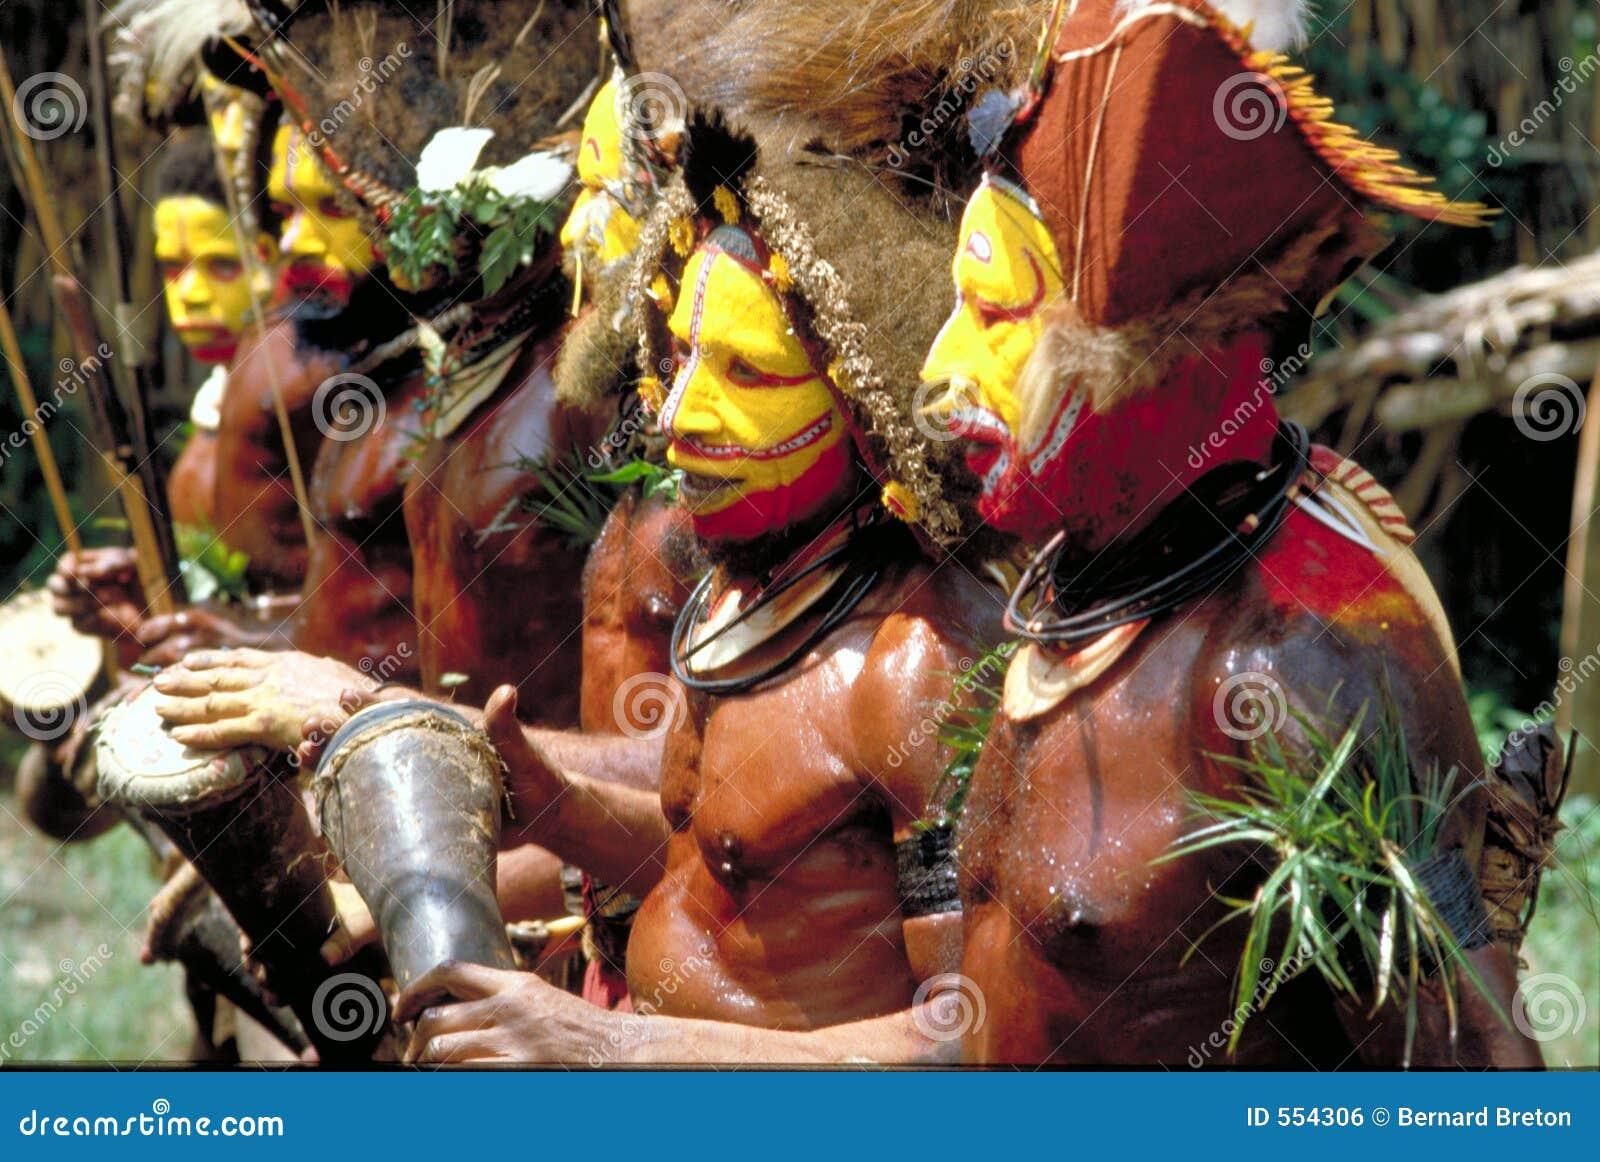 Nowy taniec gwinei Papua